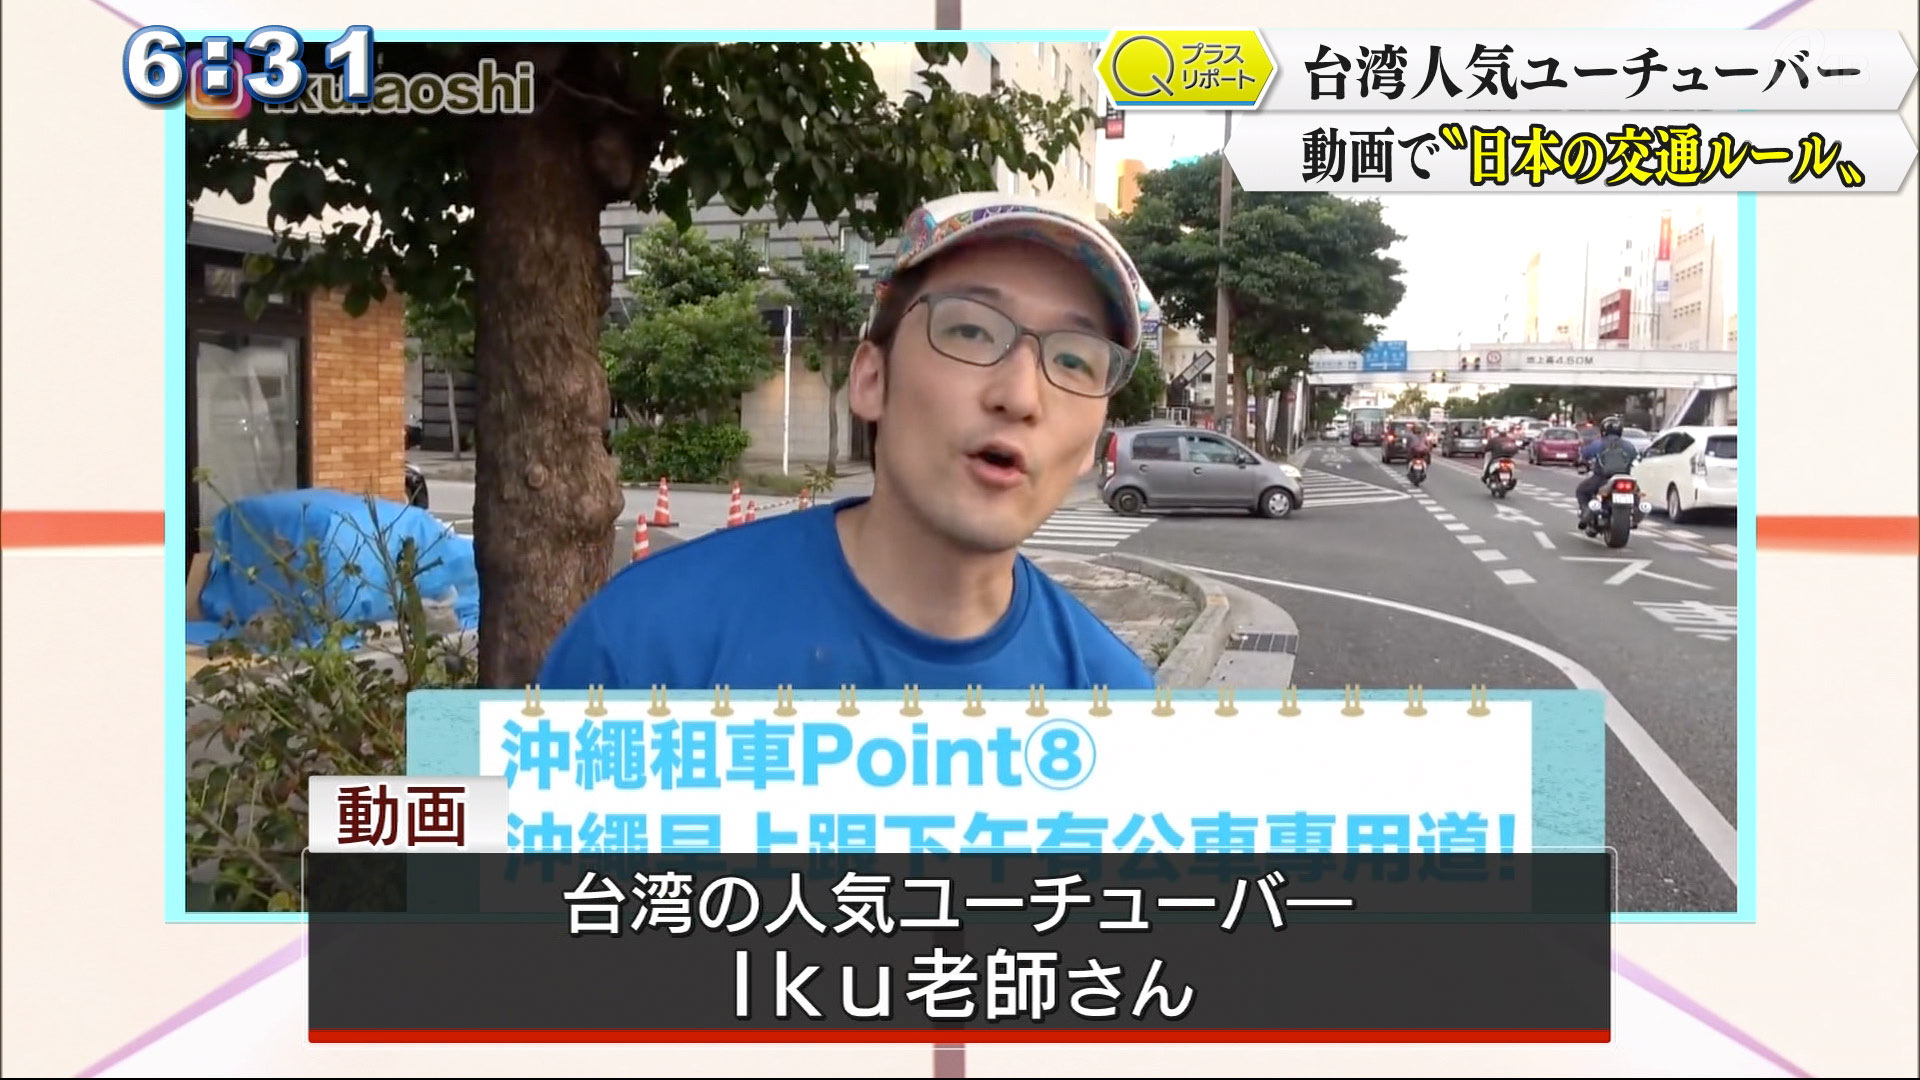 台湾の人気ユーチューバーIku老師(イクーろうし)さん